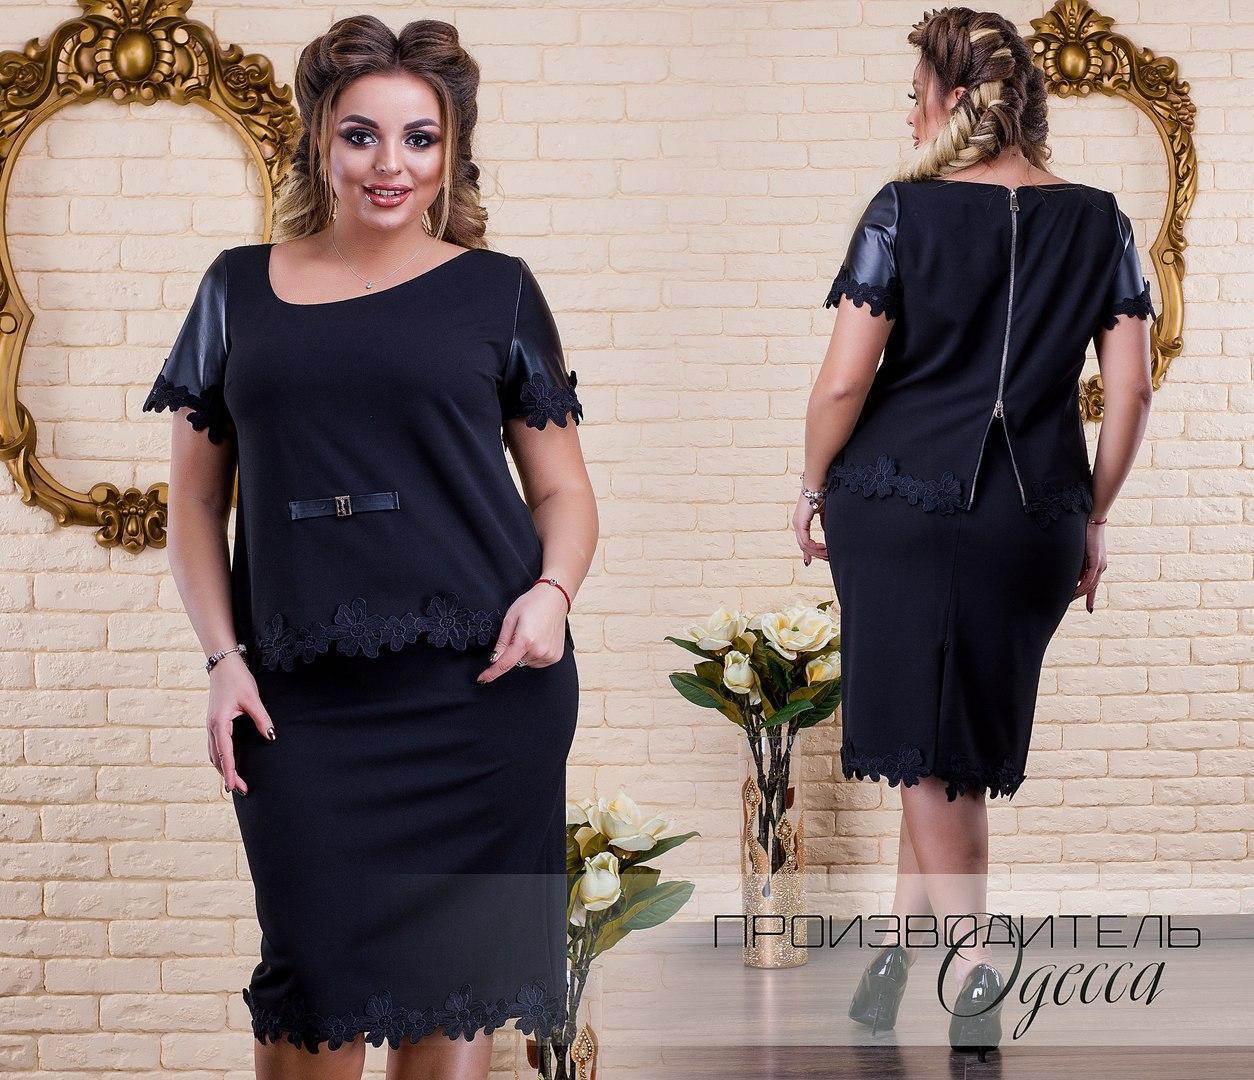 Элегантный женский костюм с отделкой  кружевом ручной работы и элементами кожи юбка+блузка с 48 по 60